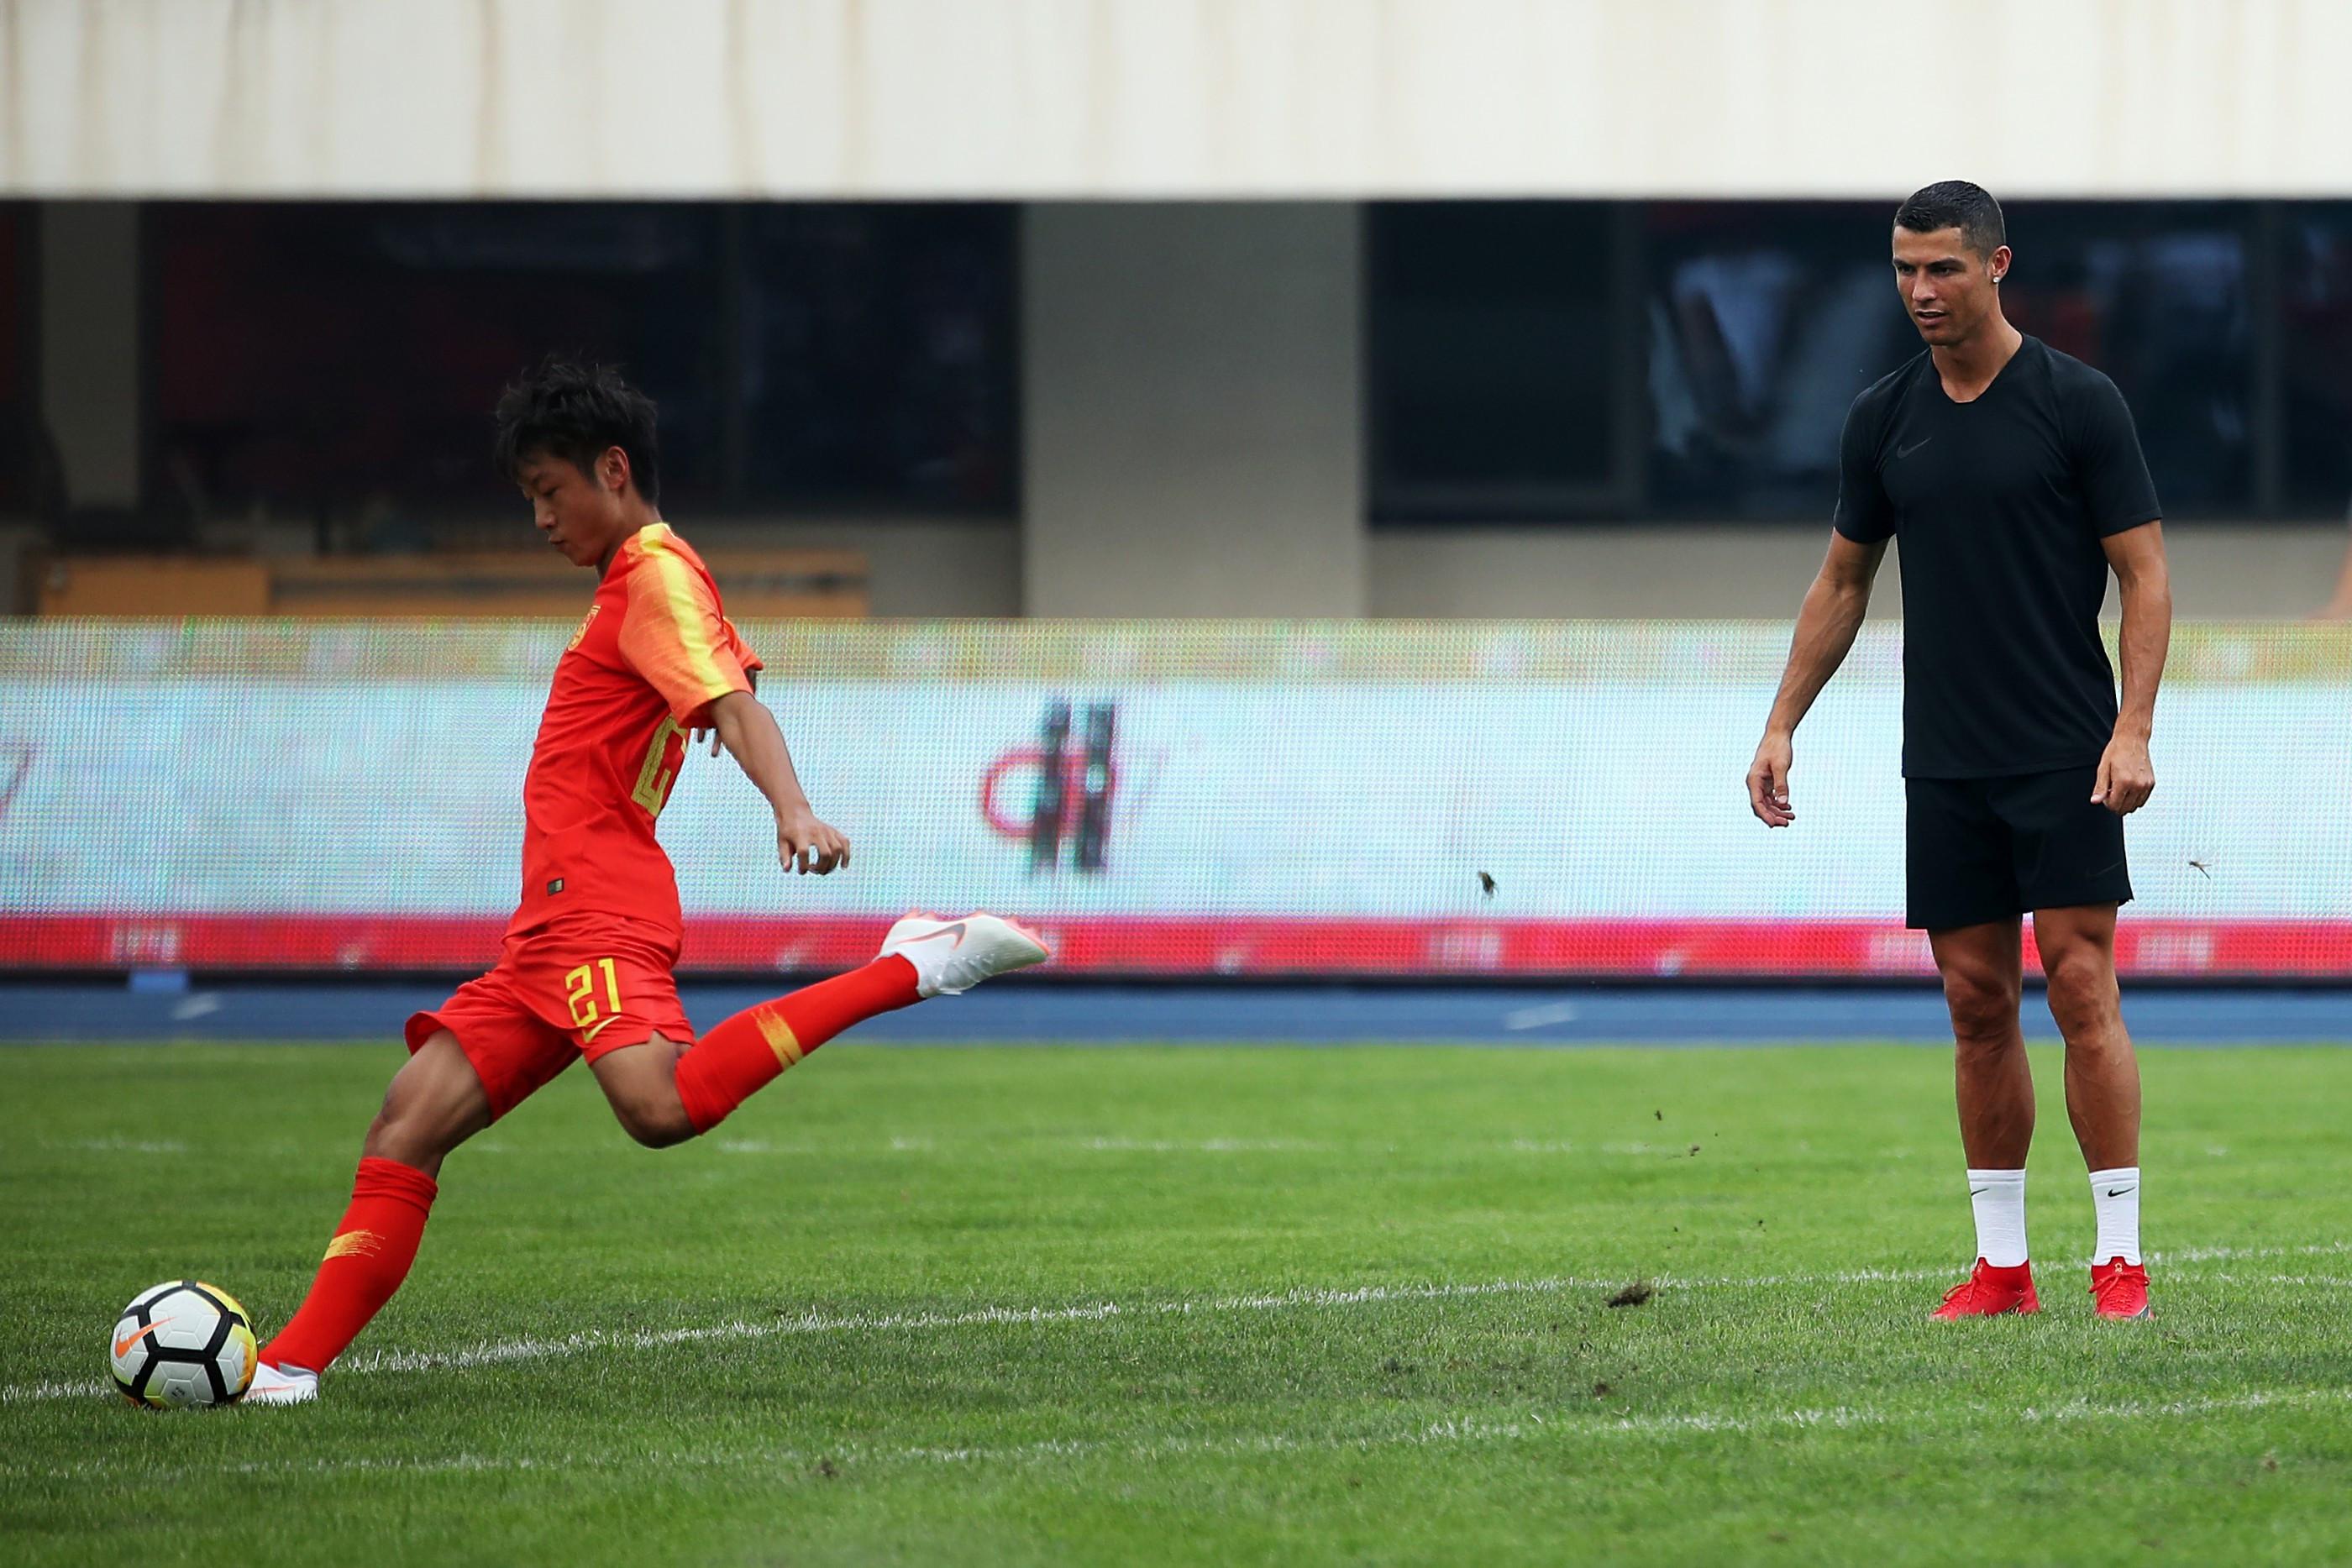 C罗现身耐克校园足球联赛 激励中国足球少年追梦